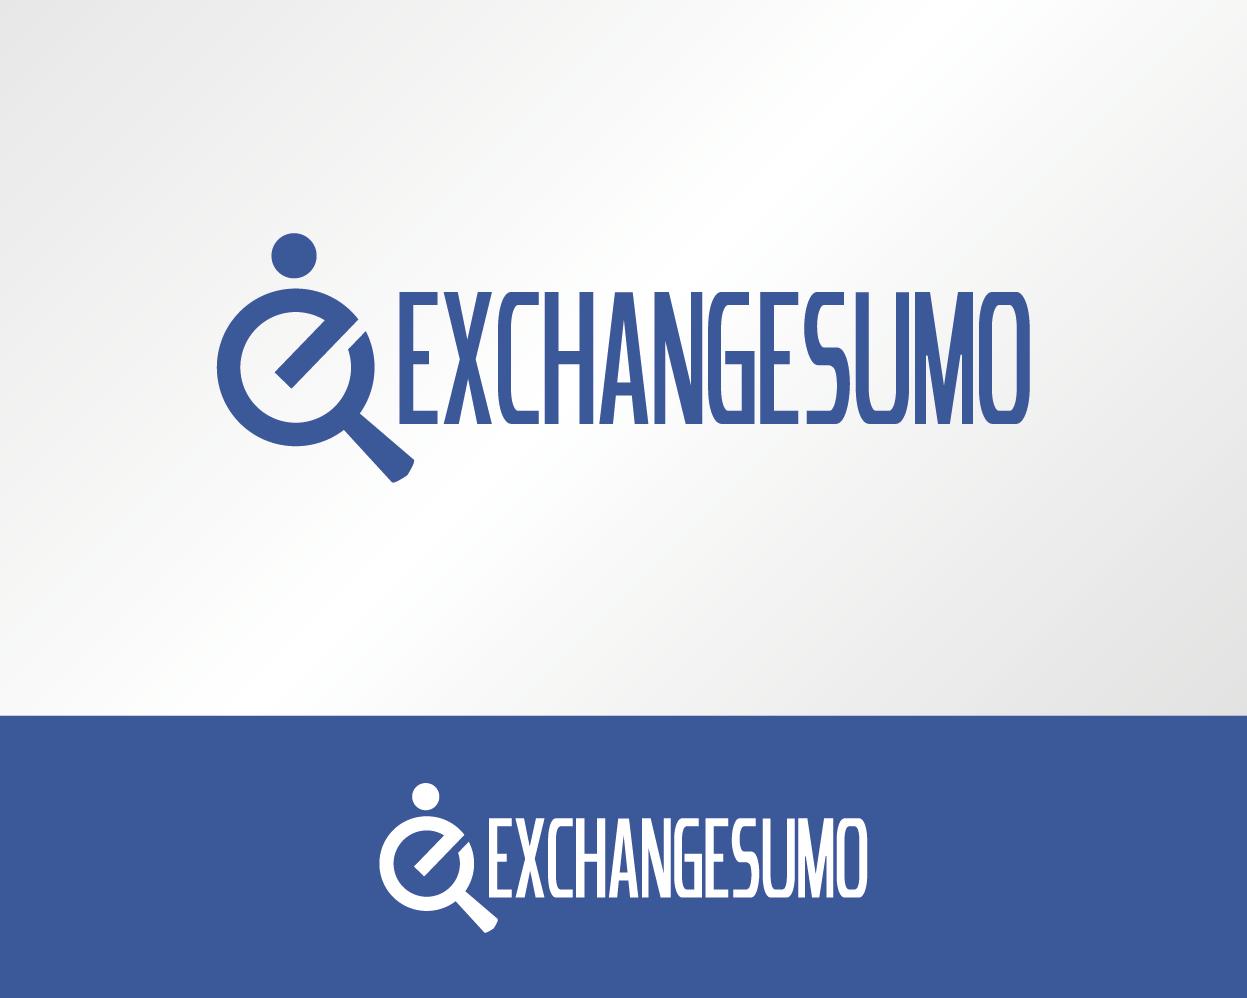 Логотип для мониторинга обменников фото f_1885bae0ba372d73.png